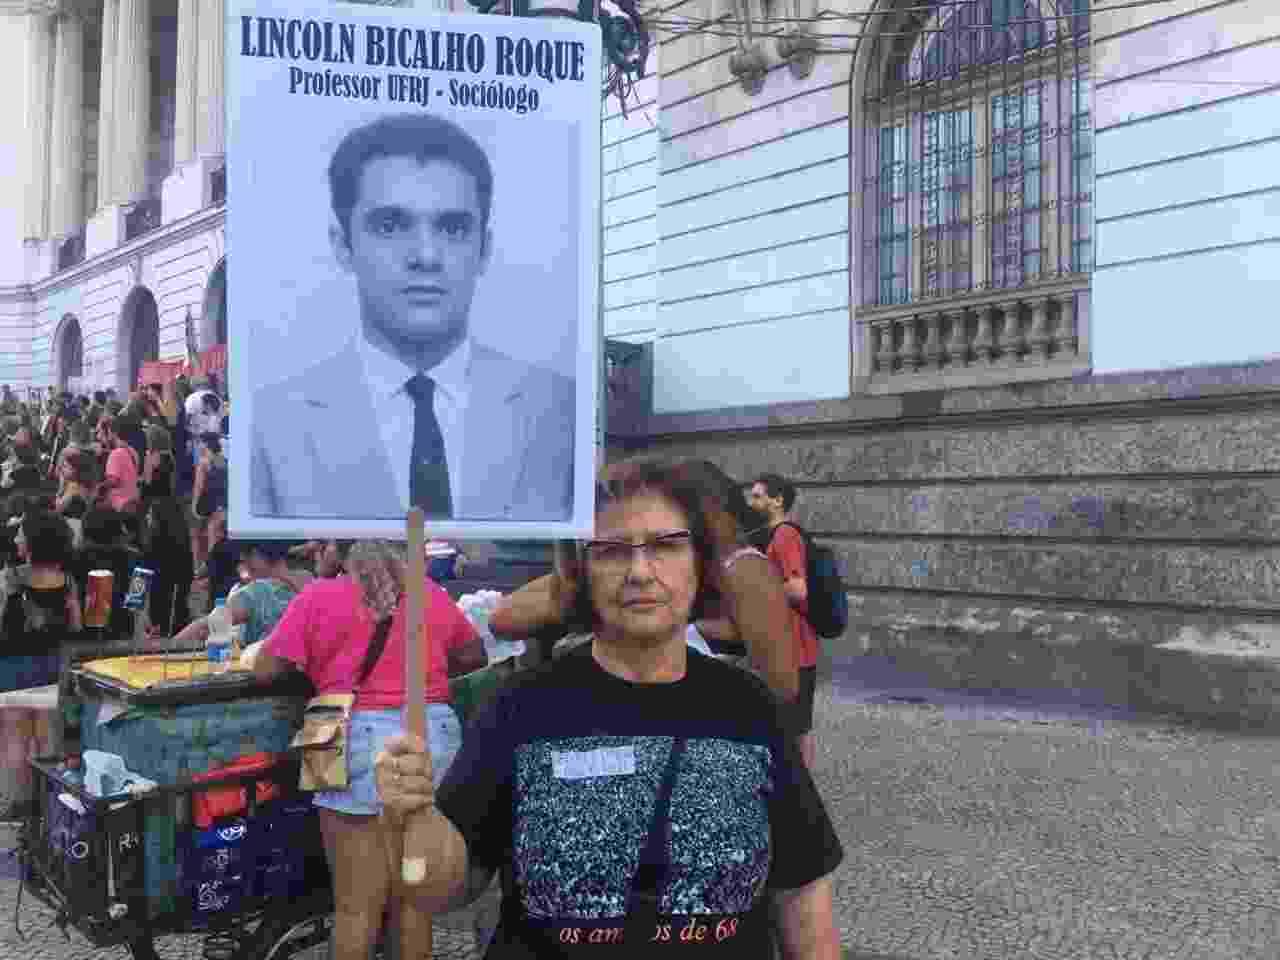 31.mar.2019 - Na Cinelandia, a dentista Tânia Roque, 72, ostentava um cartaz de seu marido, o sociólogo e professor Lincoln Bicalho Roque, torturado e morto pelo regime em 1973. Ato no centro do Rio marcou o repúdio ao golpe de 1964 - Marina Lang/UOL